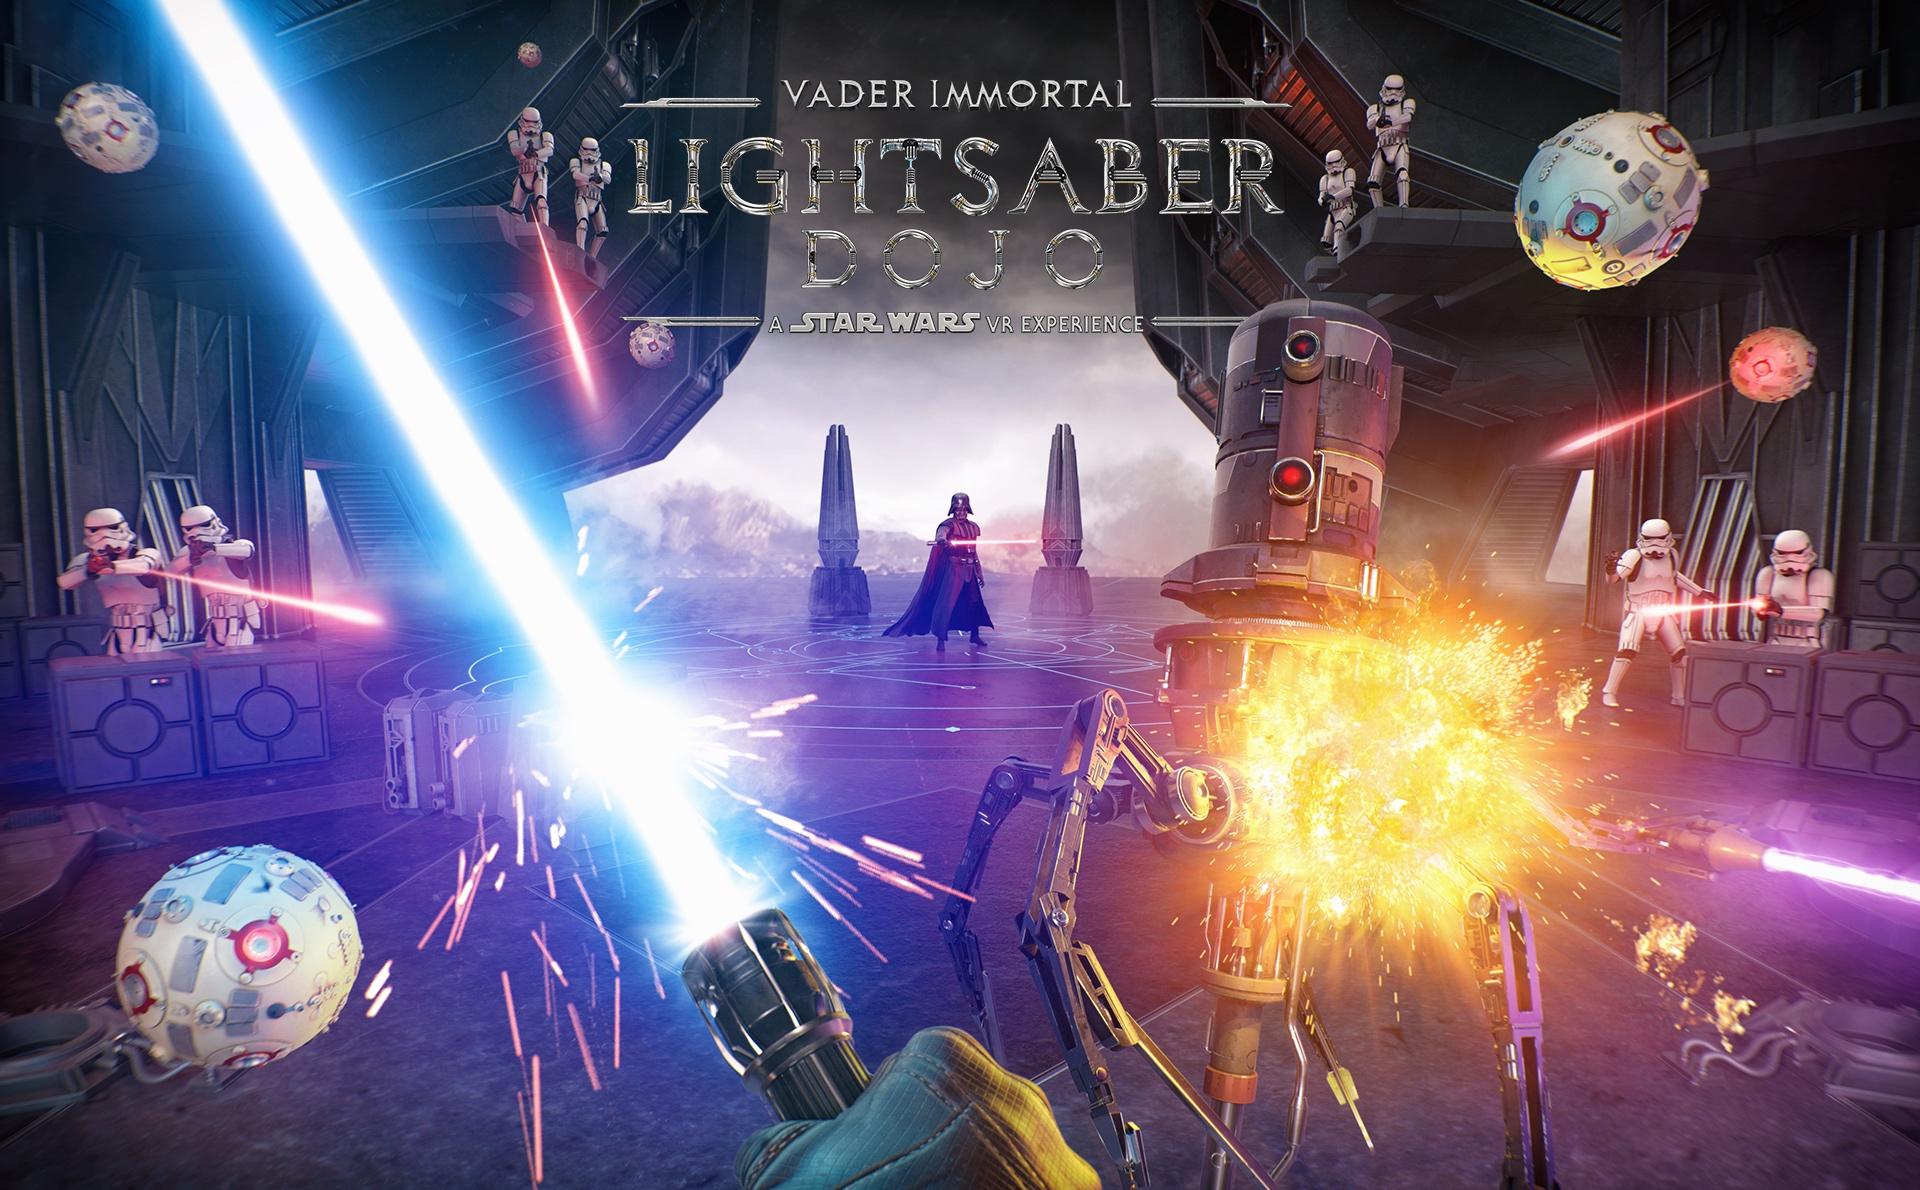 ILMxLAB, Vader Immortal Lightsaber Dogo, Darth Vader